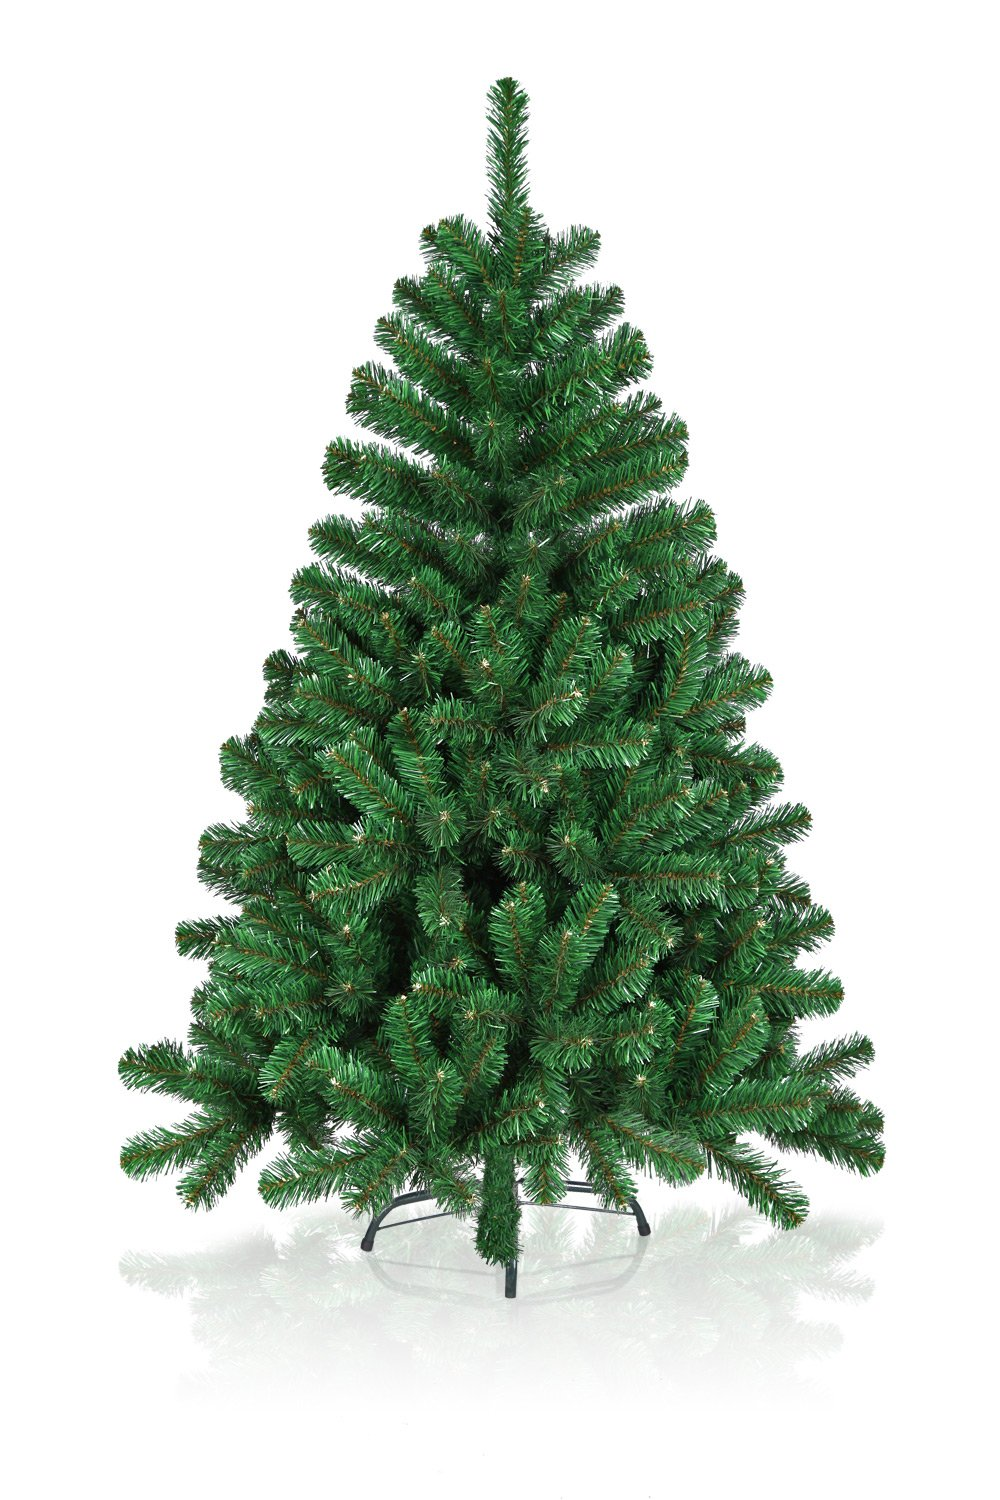 Hiskøl 240 cm ca. 2096 Astspitzen Künstlicher Weihnachtsbaum Tannenbaum Christbaum inklusive Christbaumständer, grün